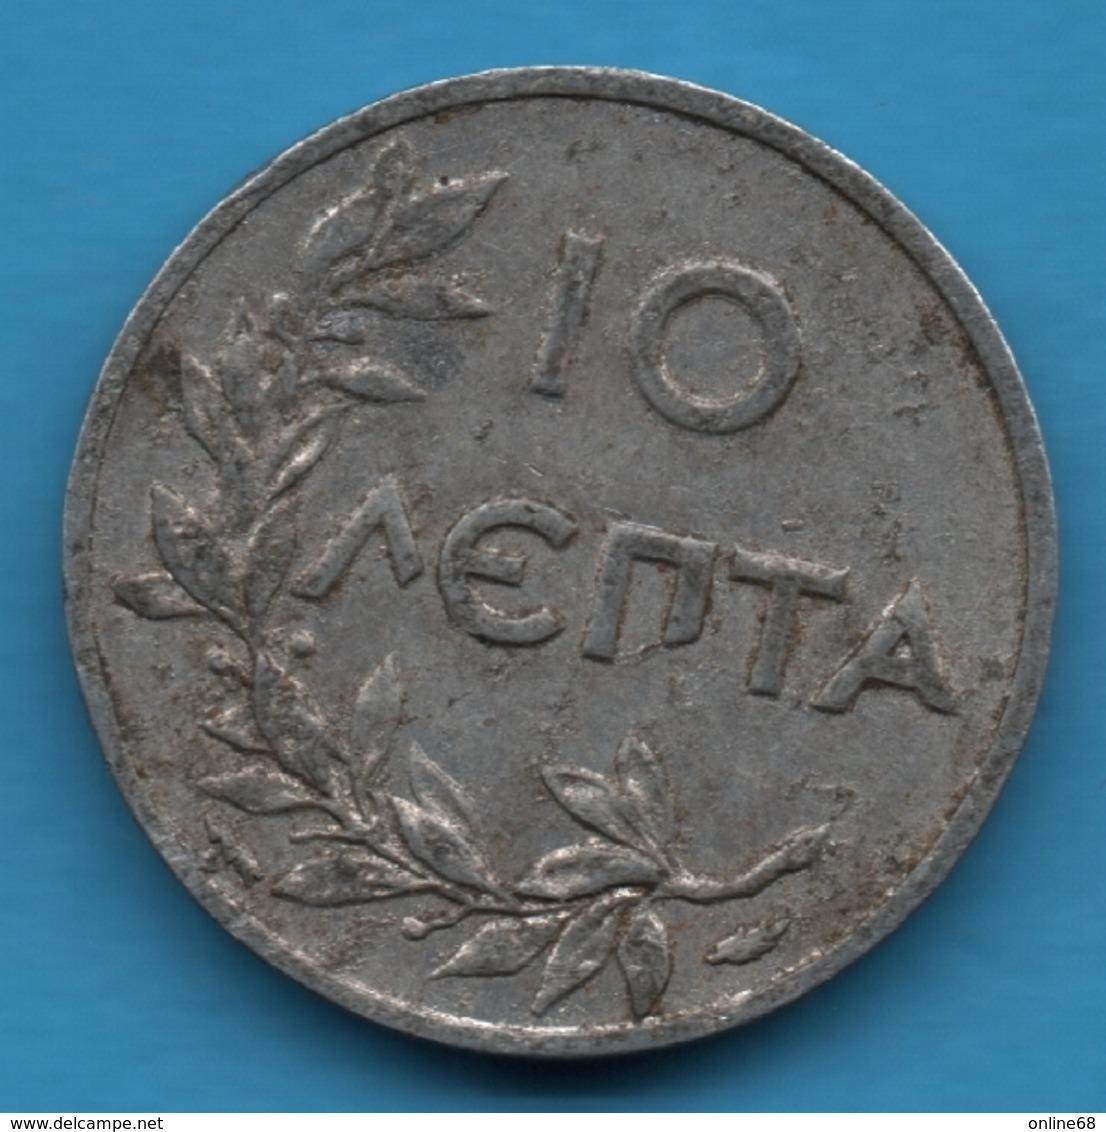 GREECE 10 LEPTA 1922 KM#66.1 - Grèce